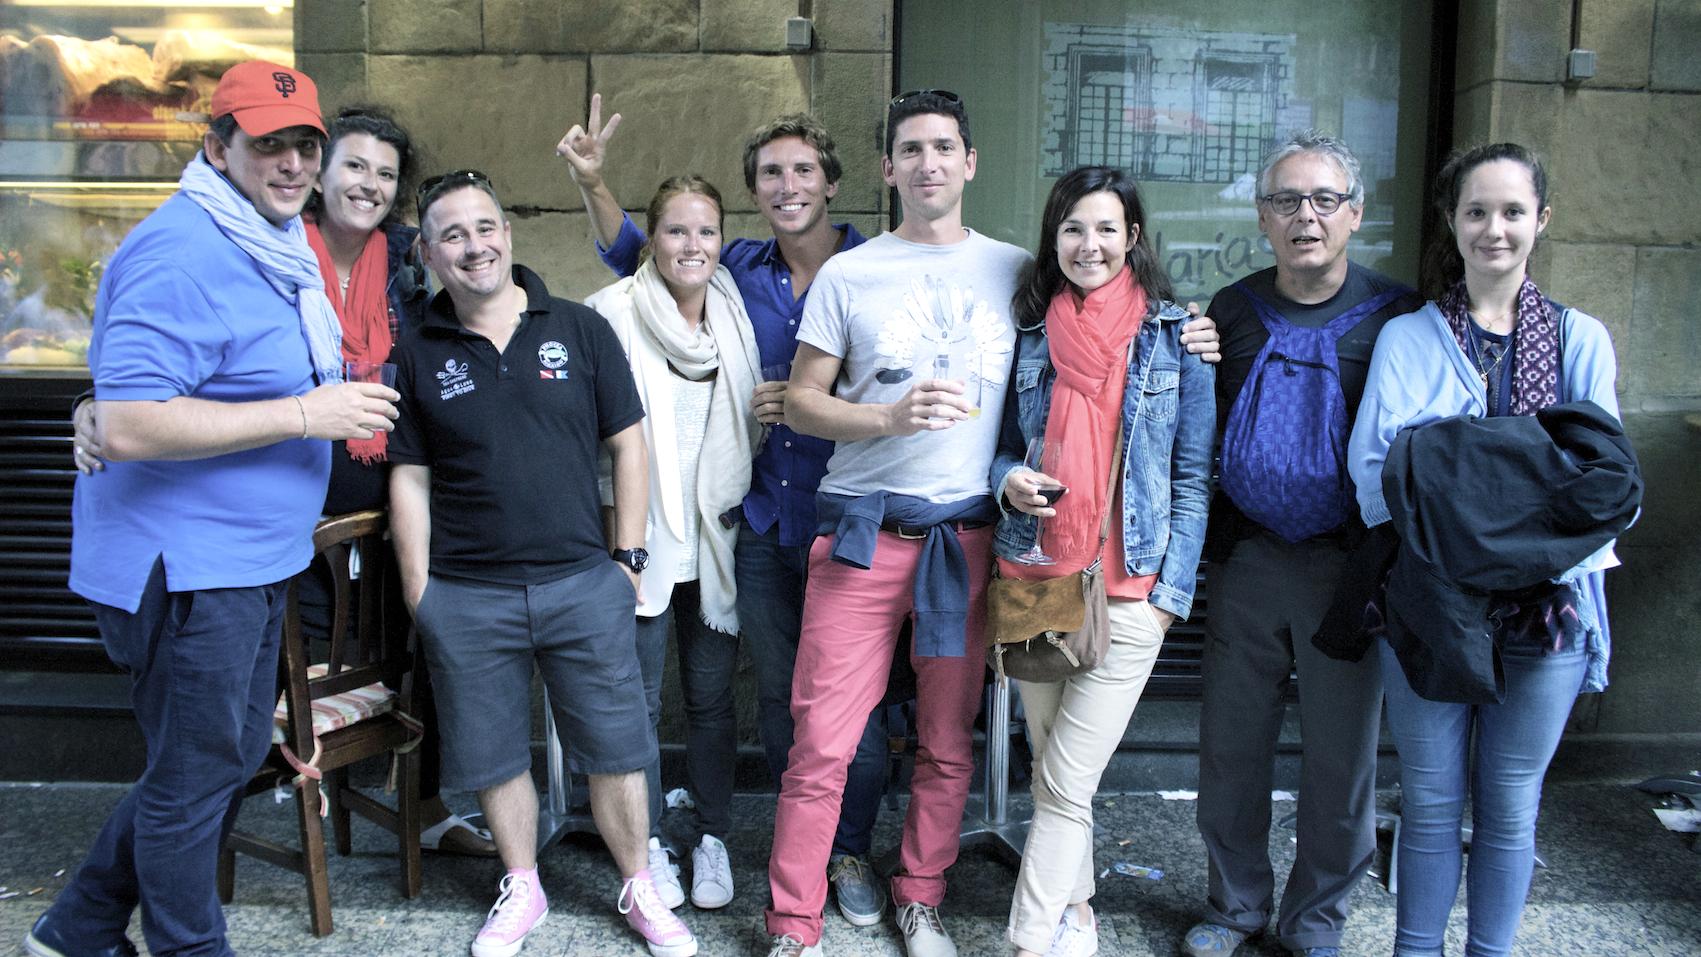 Semana-Grande-Feux-artifices-San-Sebastian-Le-cercle-evenements-agence-voyage-pays-basque-25